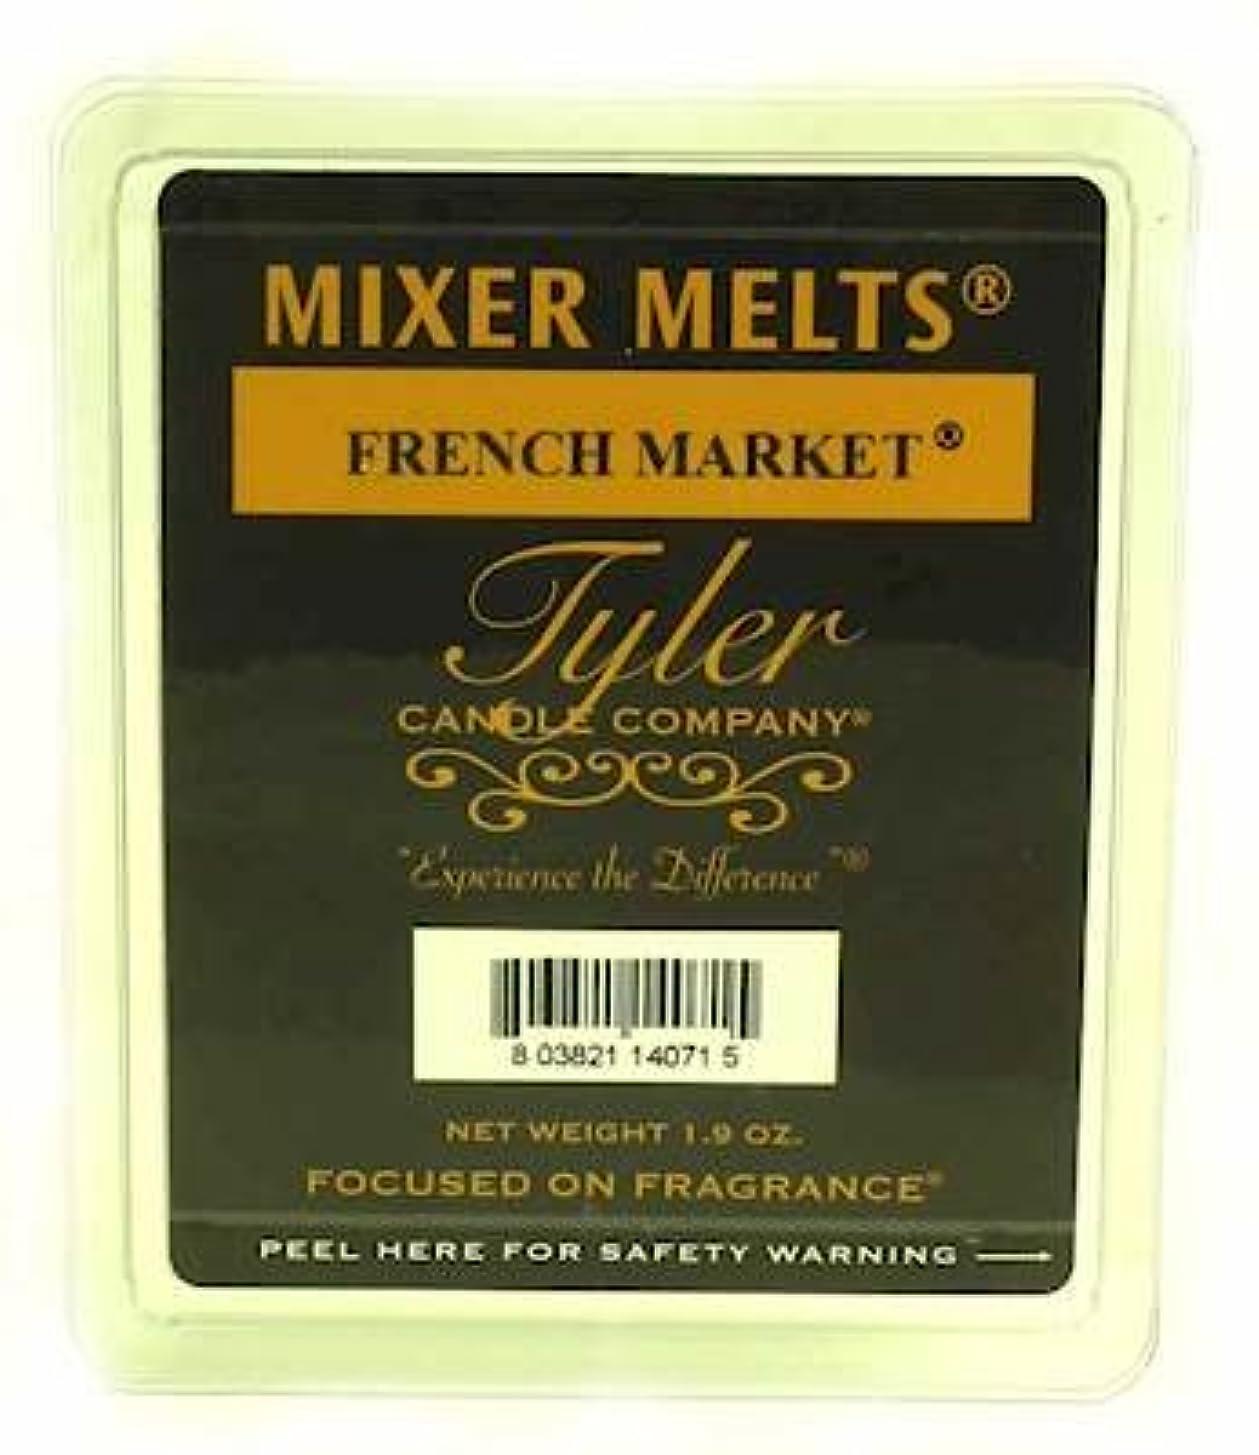 スキニー繕う選択するTyler Candles Mixer Melts - French Market by Tyler Company